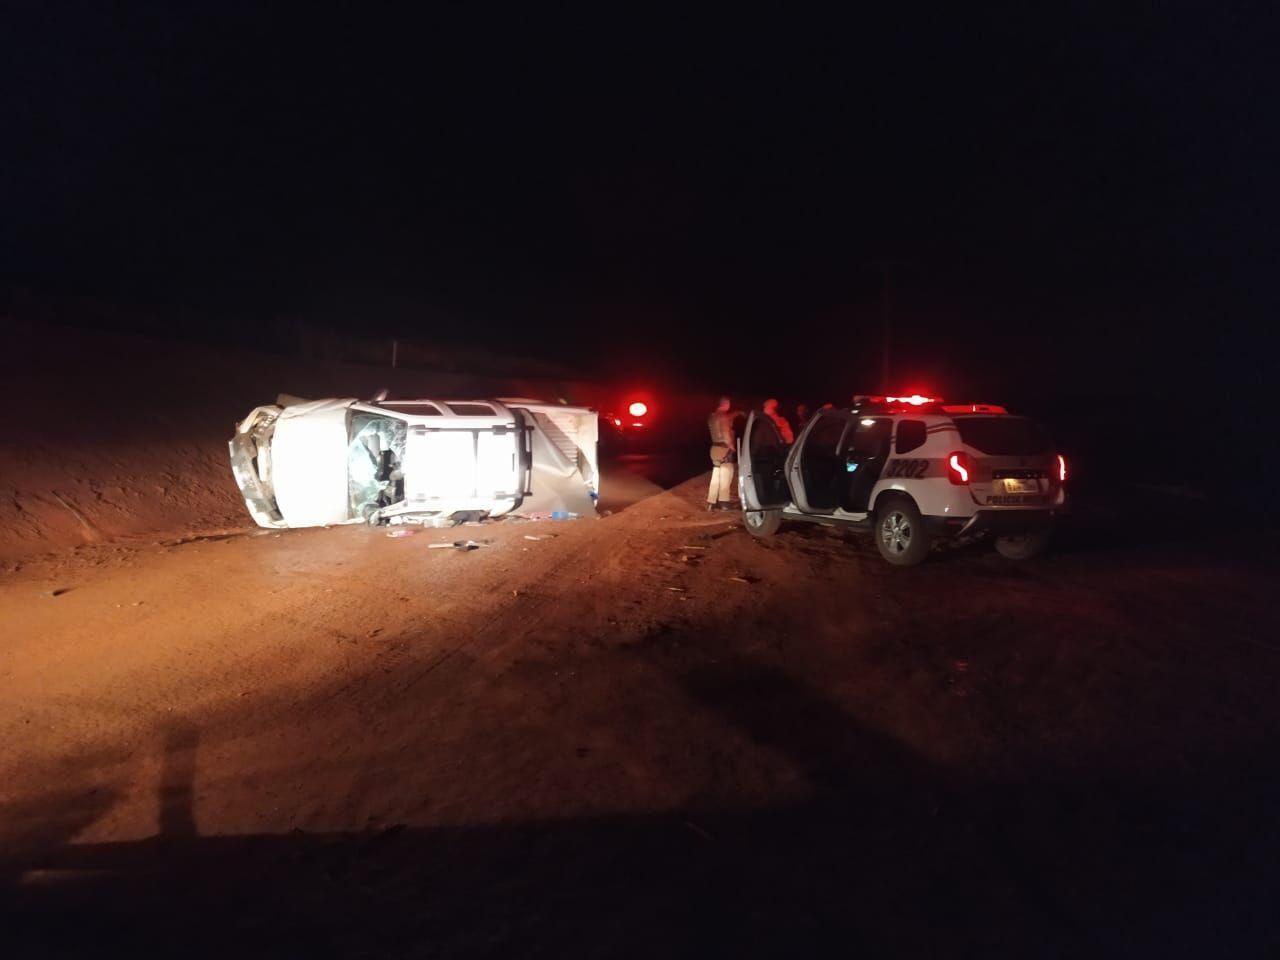 Suspeito de roubar carro de policial em SC morre após veículo capotar; viatura da PM também se acidentou durante perseguição